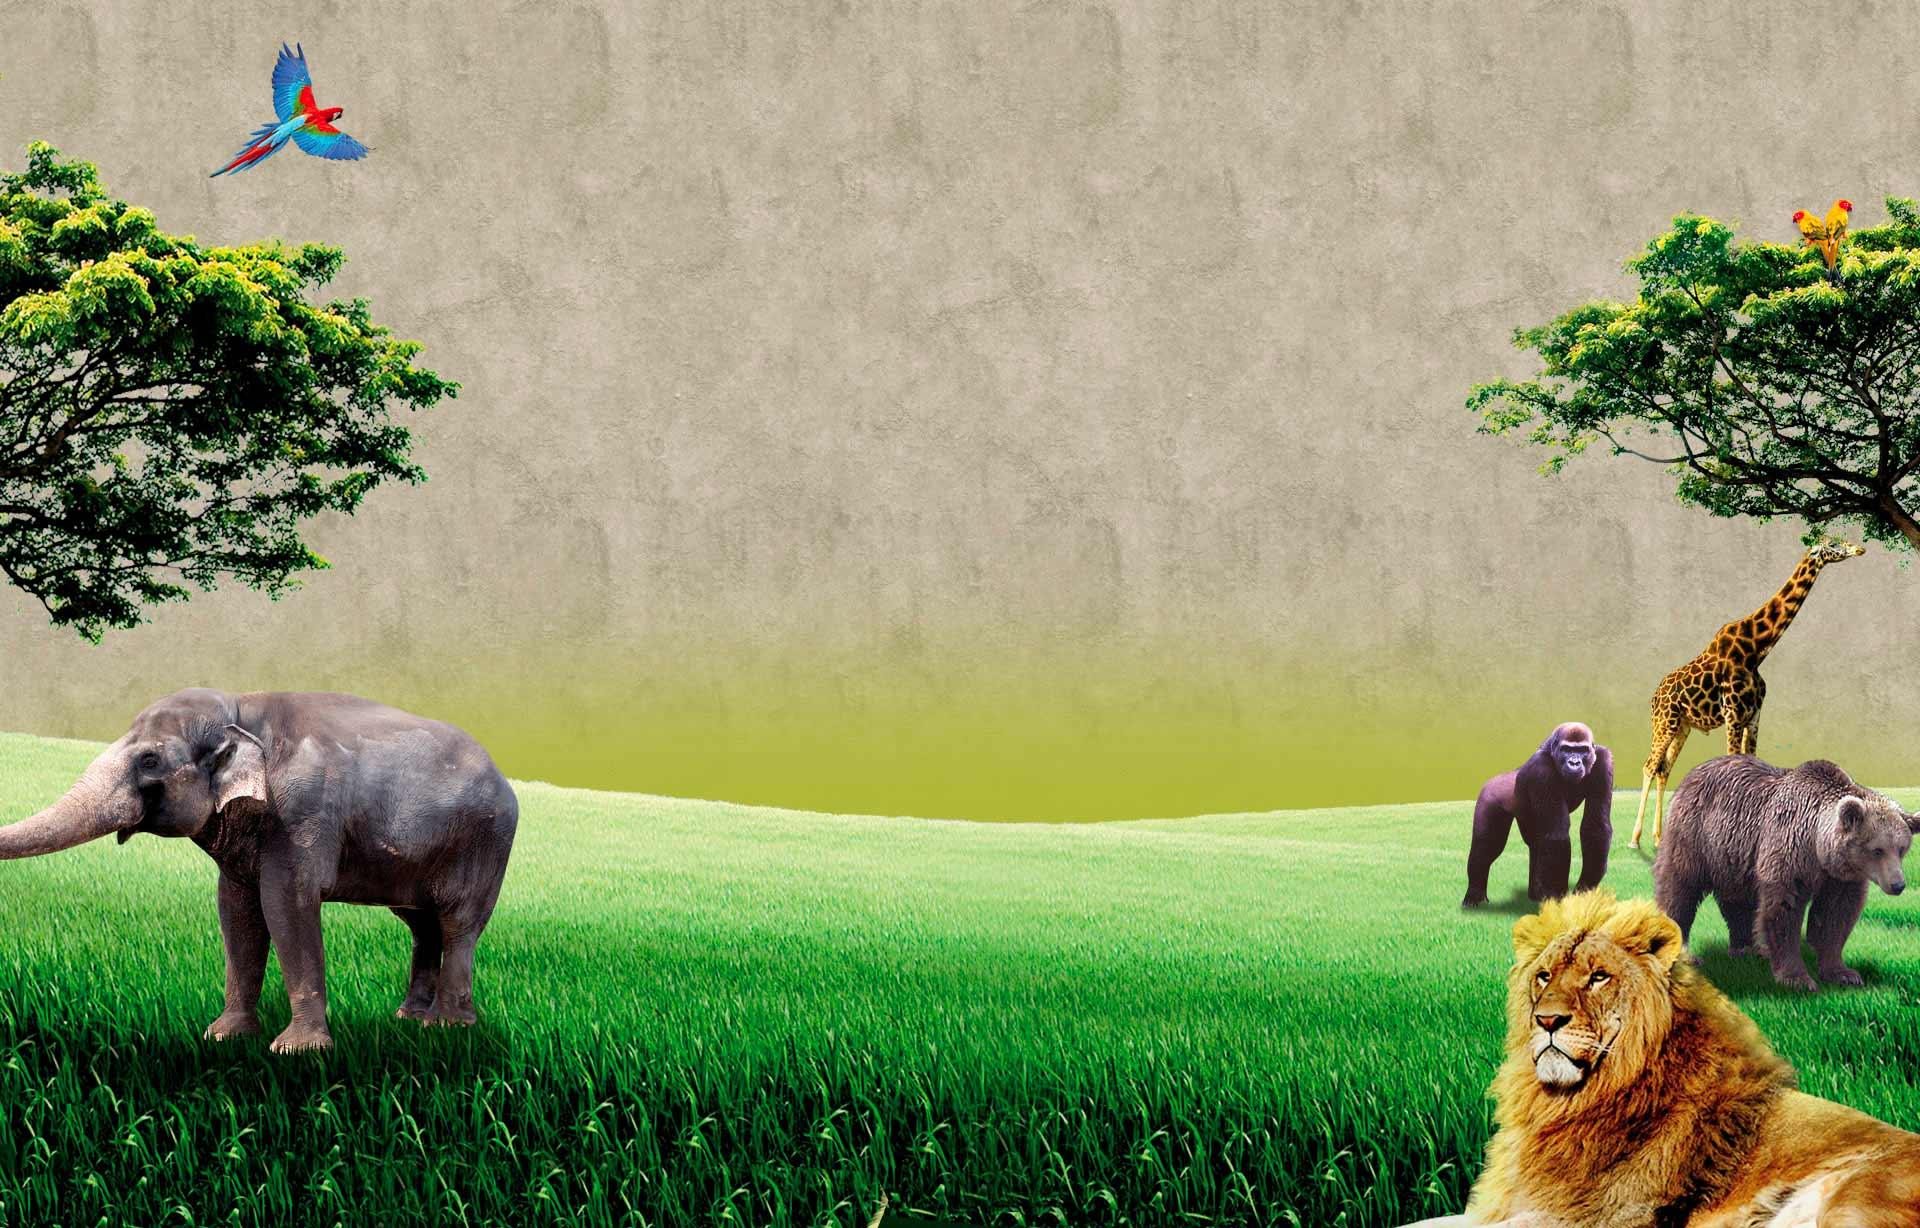 Safari Jungle Invitations was great invitations example